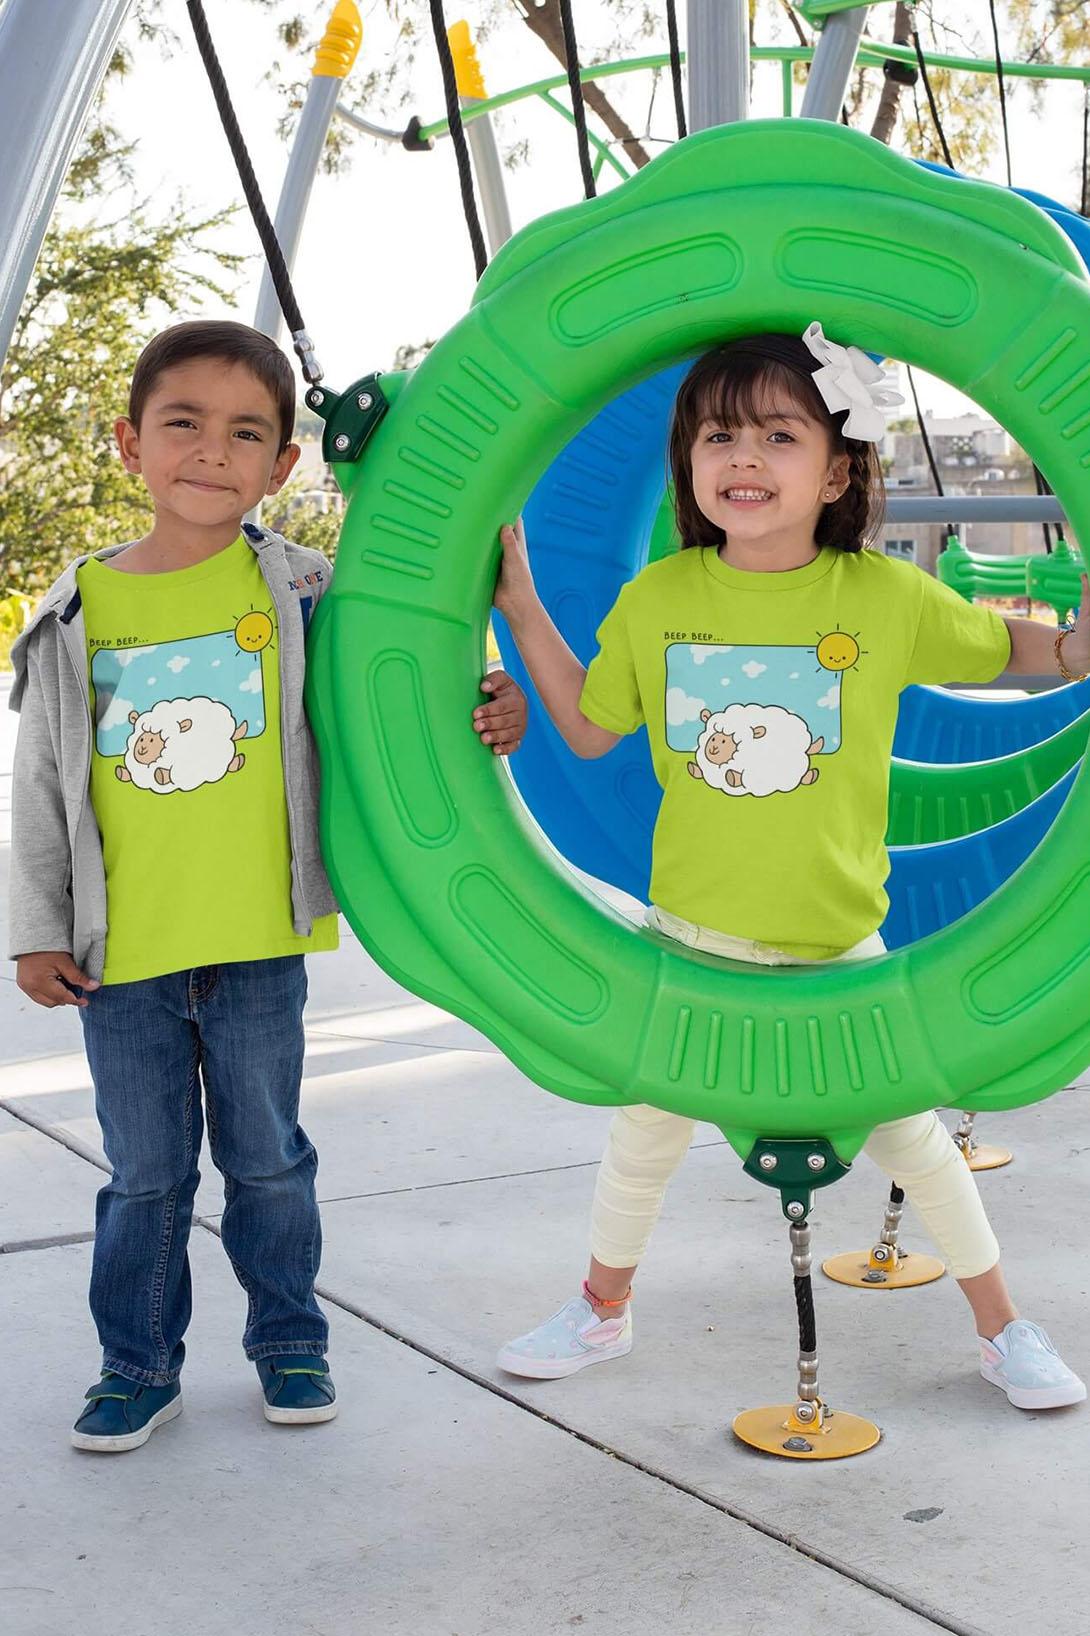 MMO Detské tričko Šťastná ovečka Vyberte farbu:: Malinová, Detská veľkosť: 110/4 roky